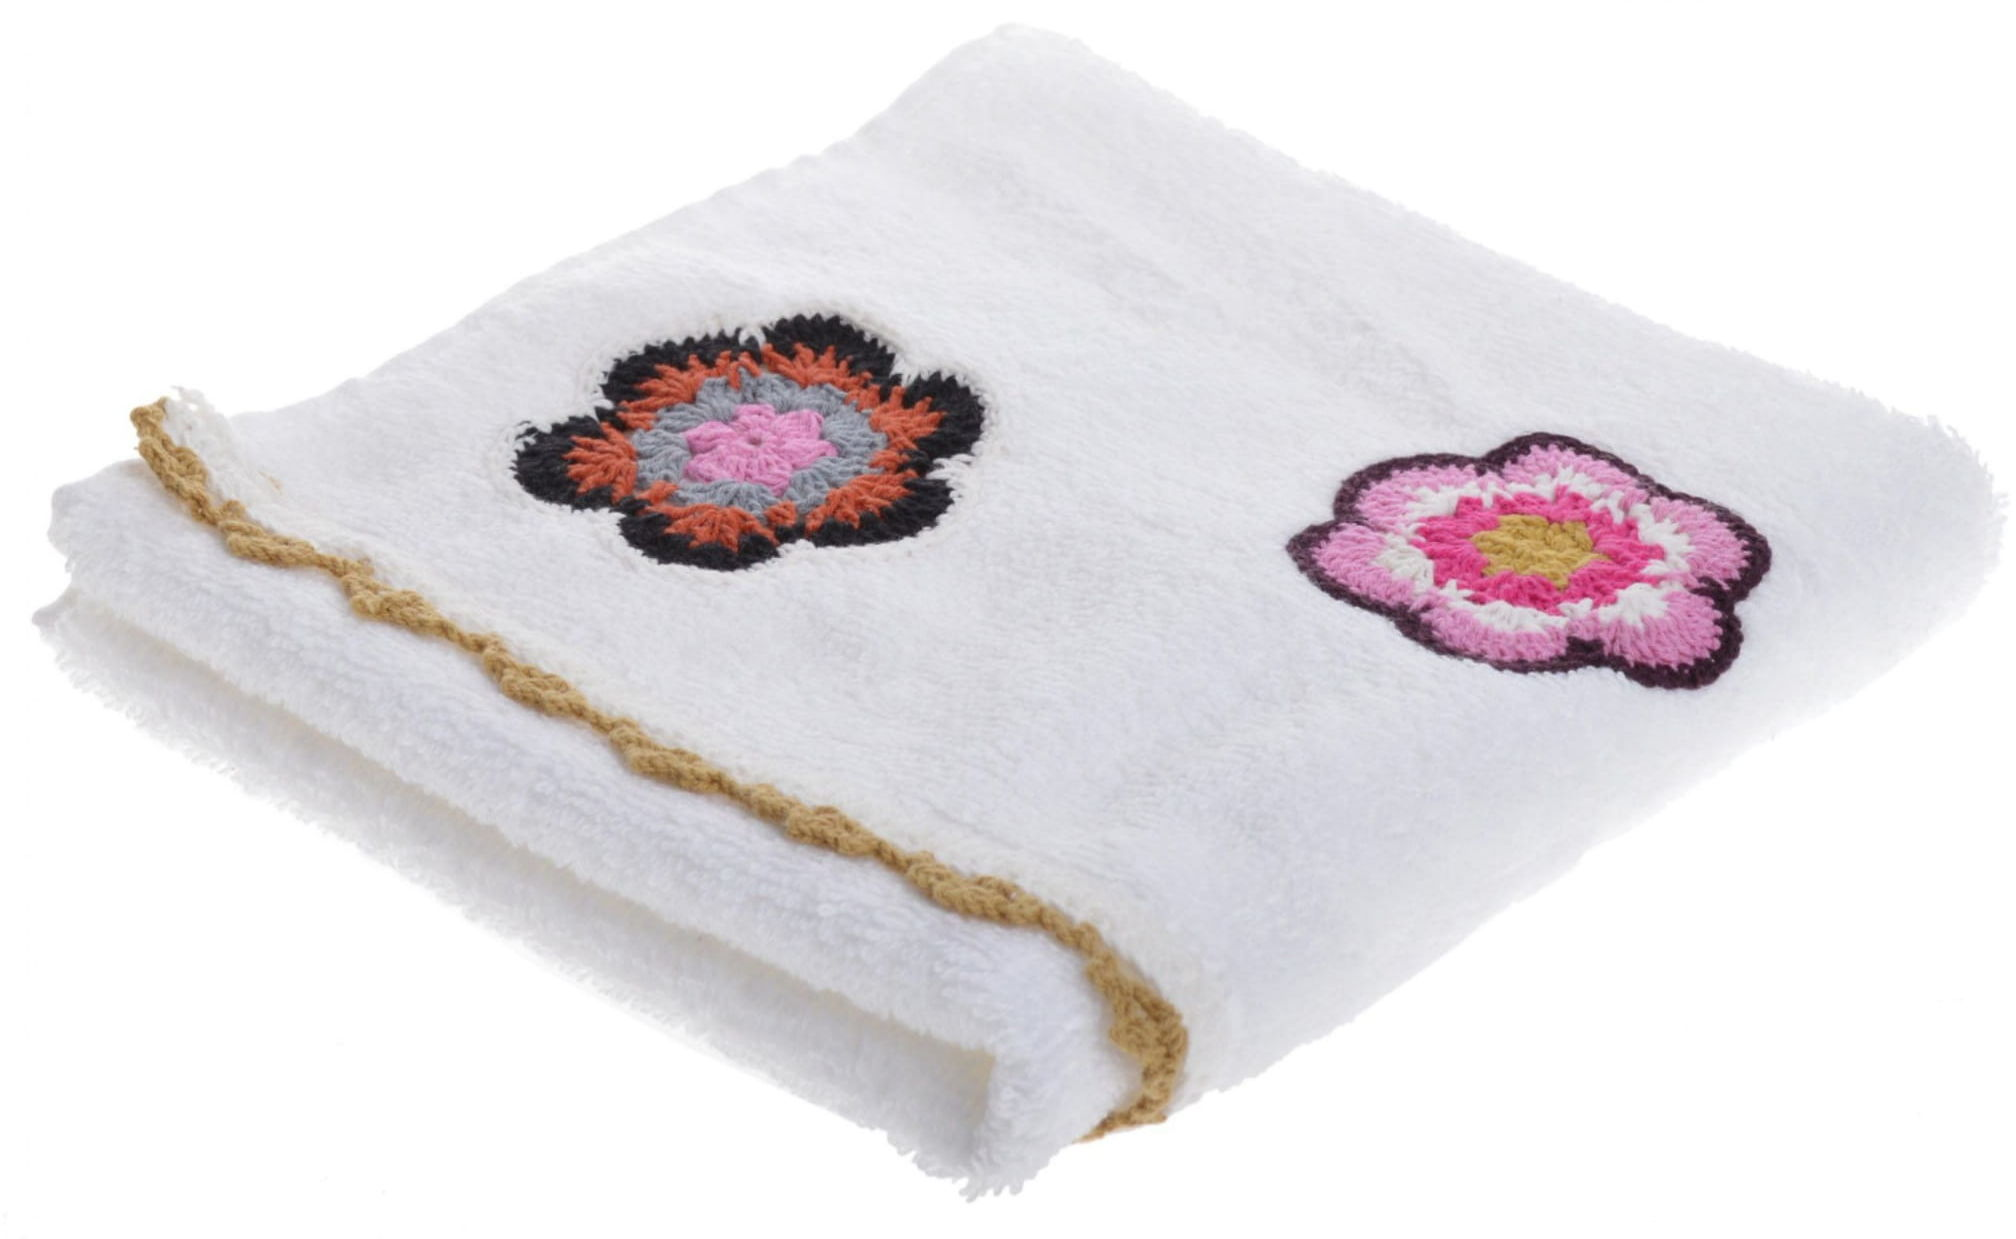 Bawełniany ręcznik mały ze wzorem